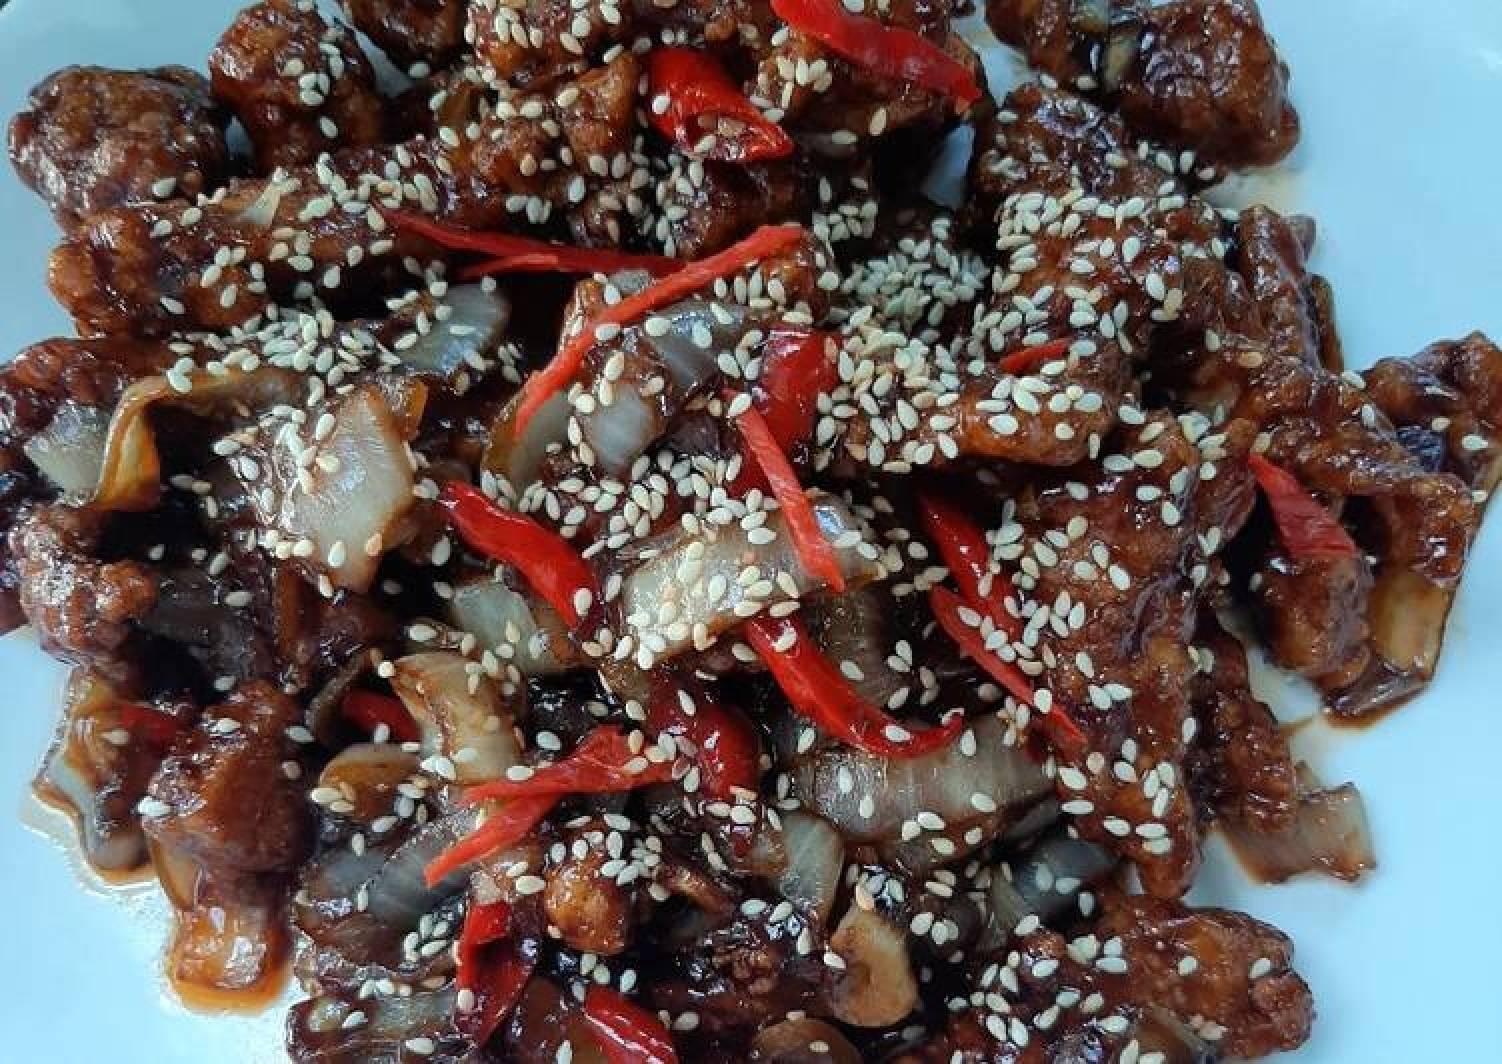 Resep Ayam Goreng Tepung Saus Teriyaki Yang Bisa Manjain Lidah Best Recipes